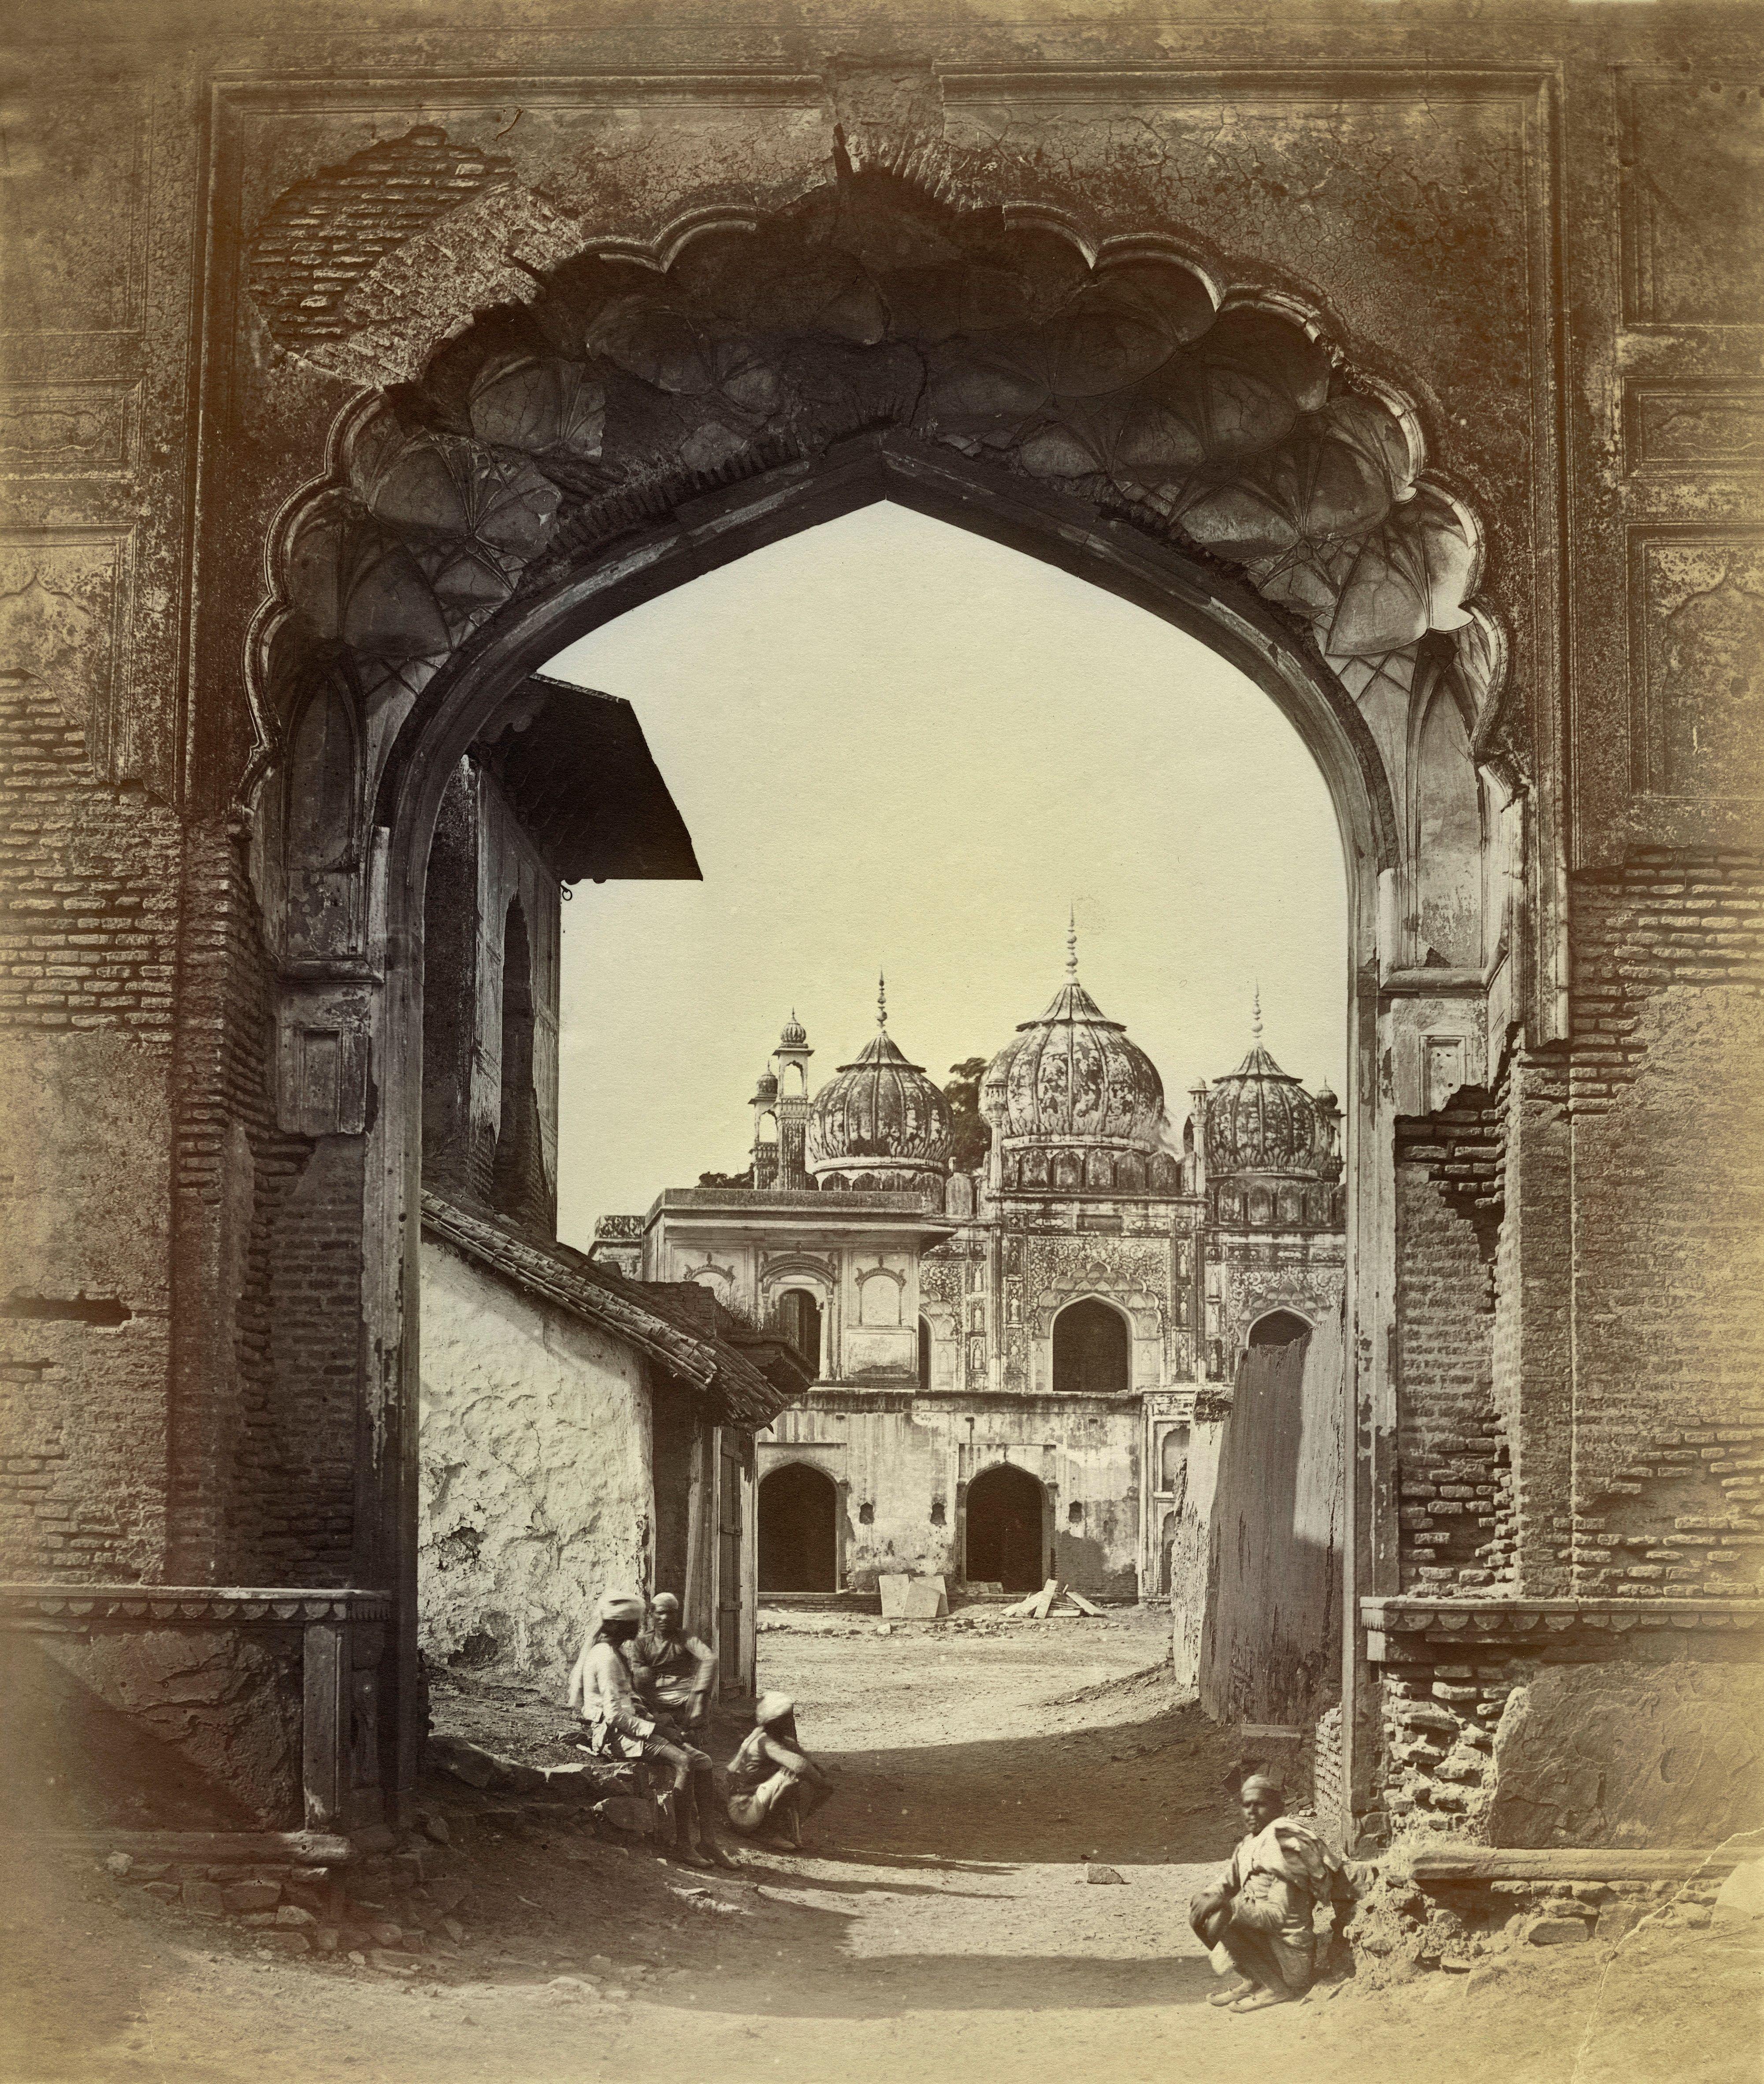 картинки старой индии достаточно огромный выбор